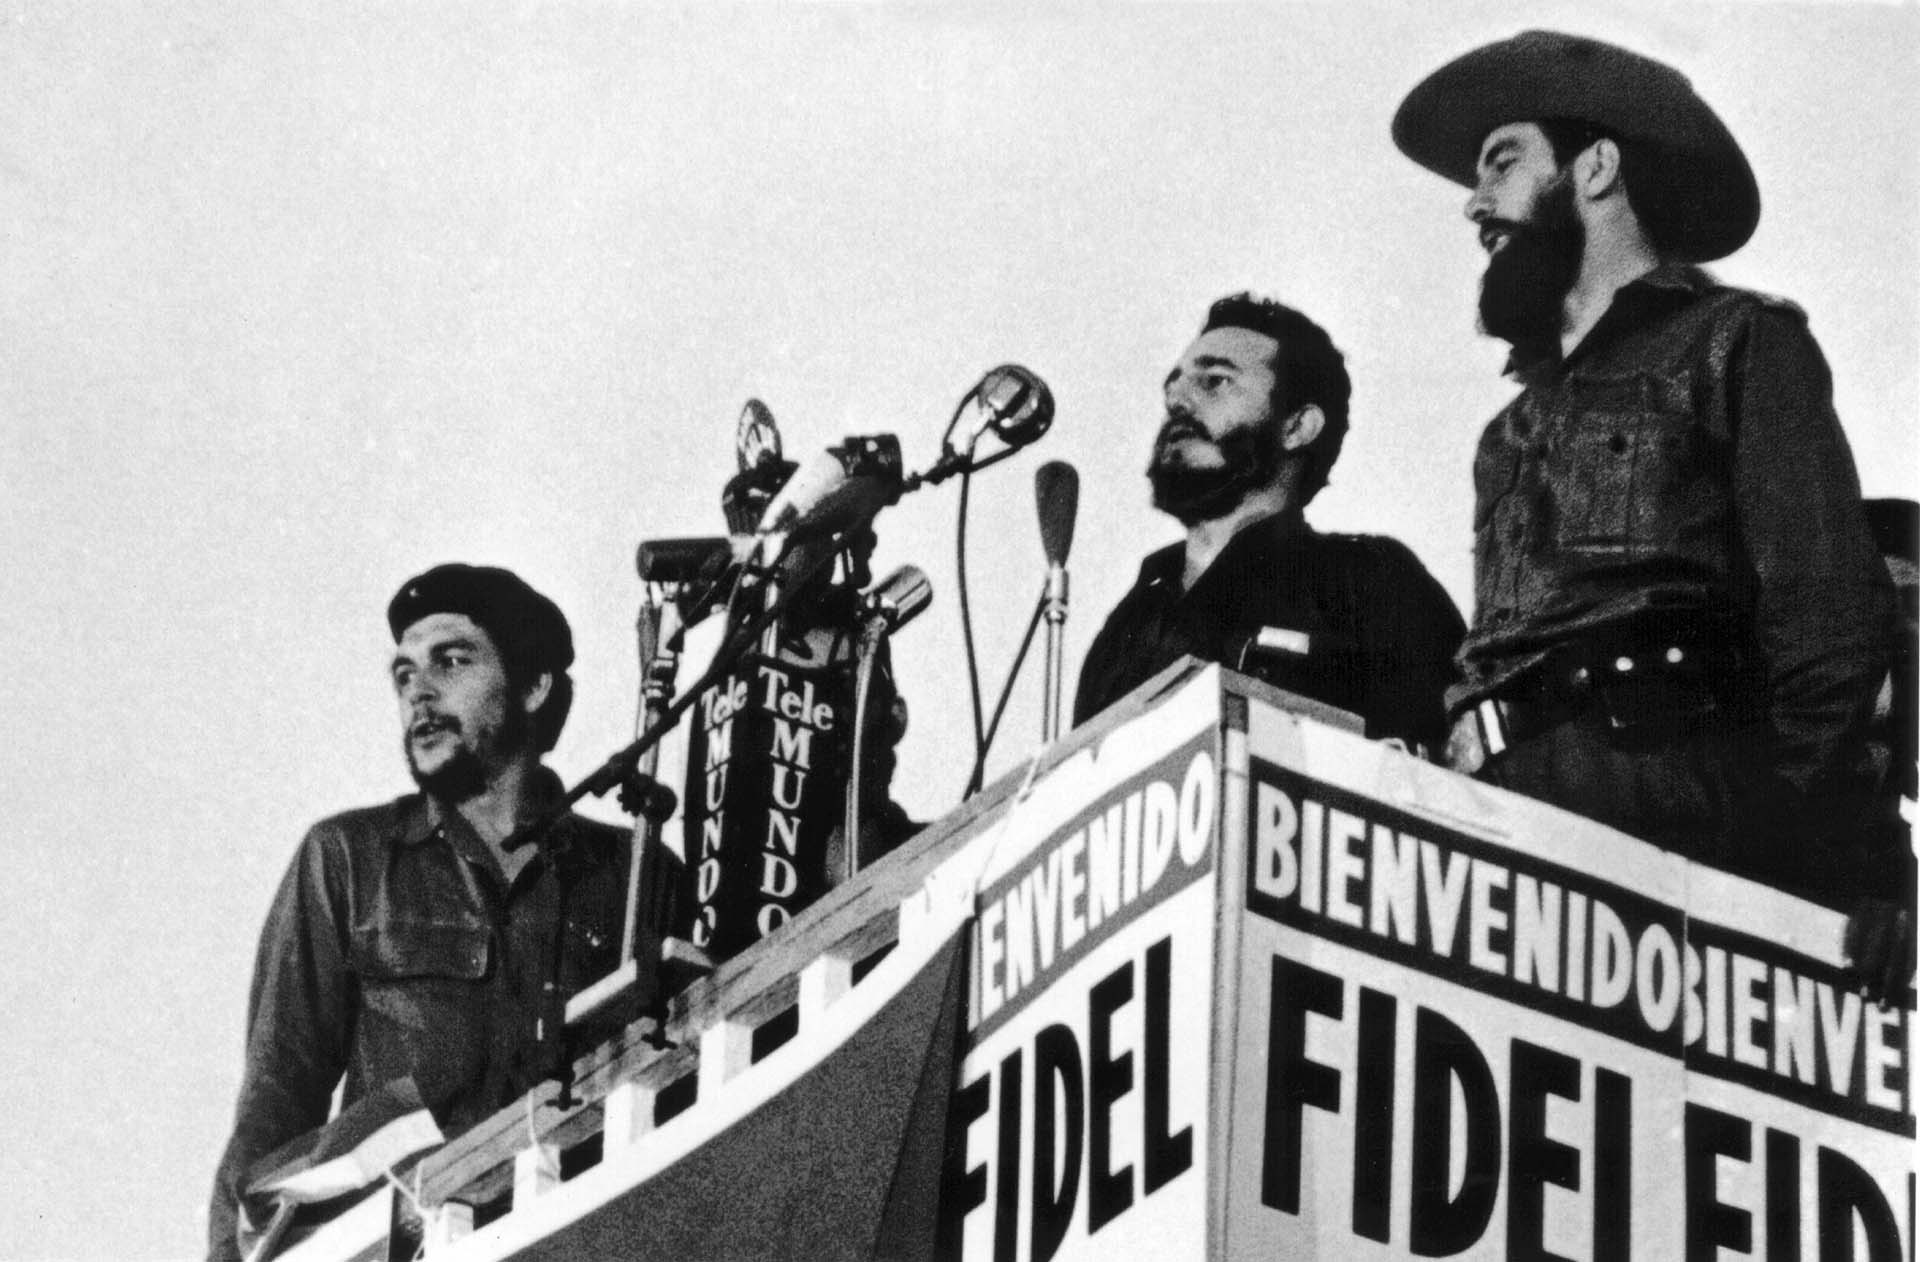 """Fidel Castro brinda un discurso en La Habana, escoltado por Ernesto """"Che"""" Guevara y Camilo Cienfuegos"""